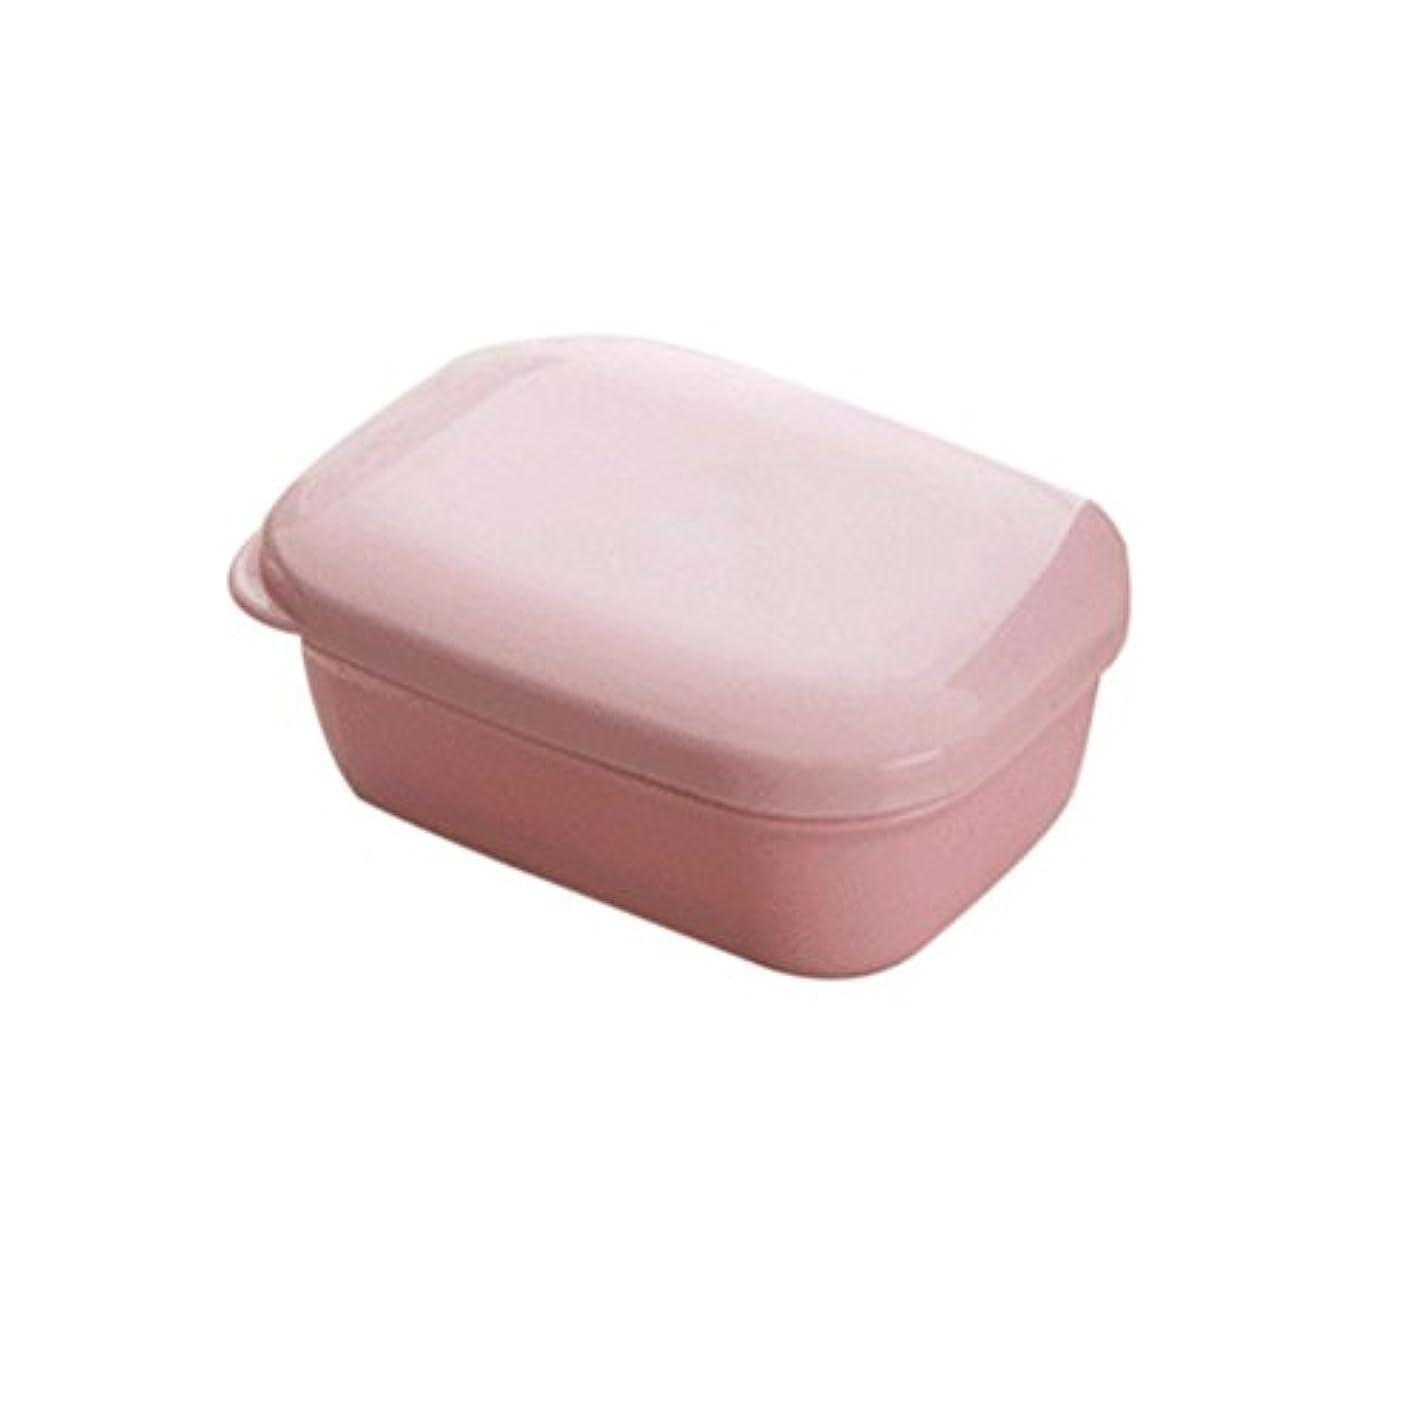 土地編集する正しいBESTOMZ 石鹸ケース 石鹸置き ソープディッシュ 旅行用 携帯 ふた付け(ピンク)